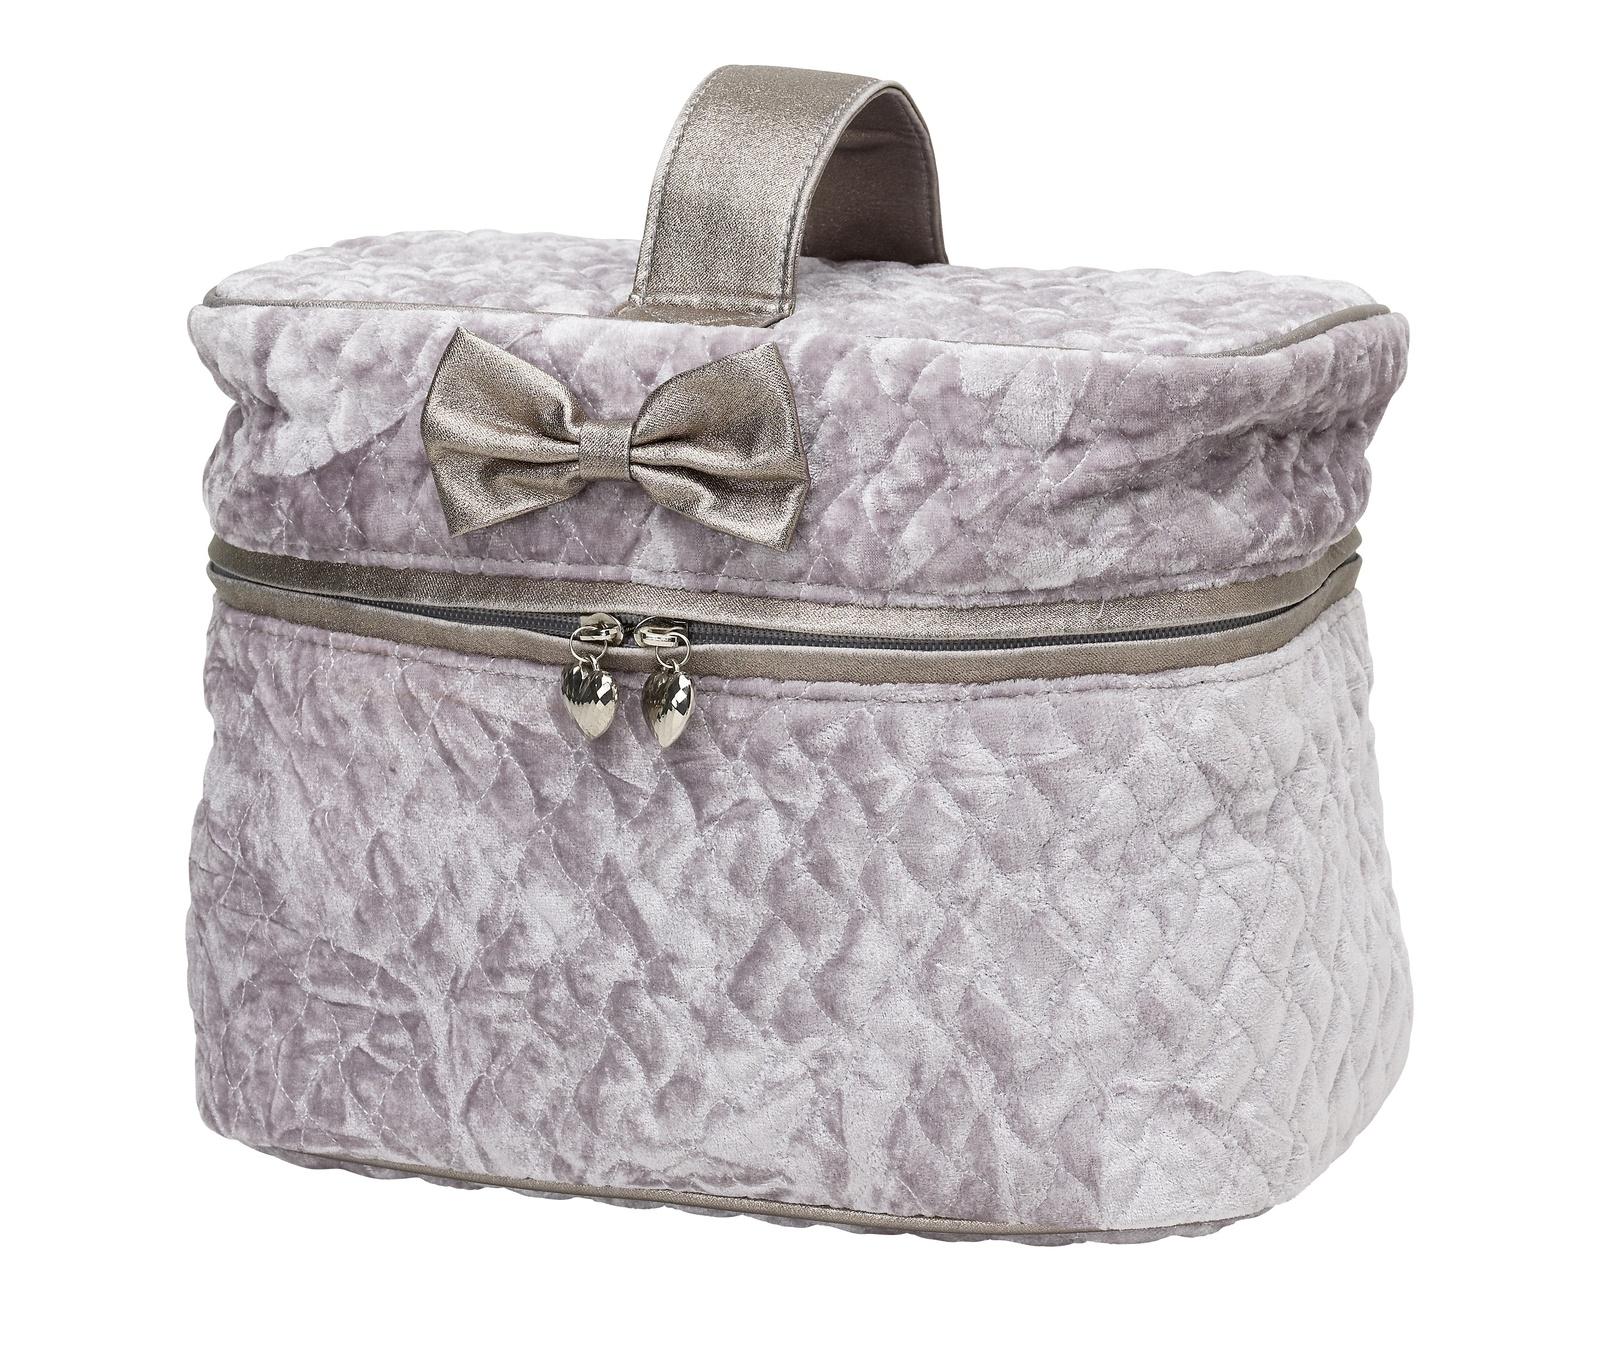 Косметичка женская Molly Marais, цвет: серый. BA520027 шапка женская r mountain цвет серый 77 030 05 размер универсальный